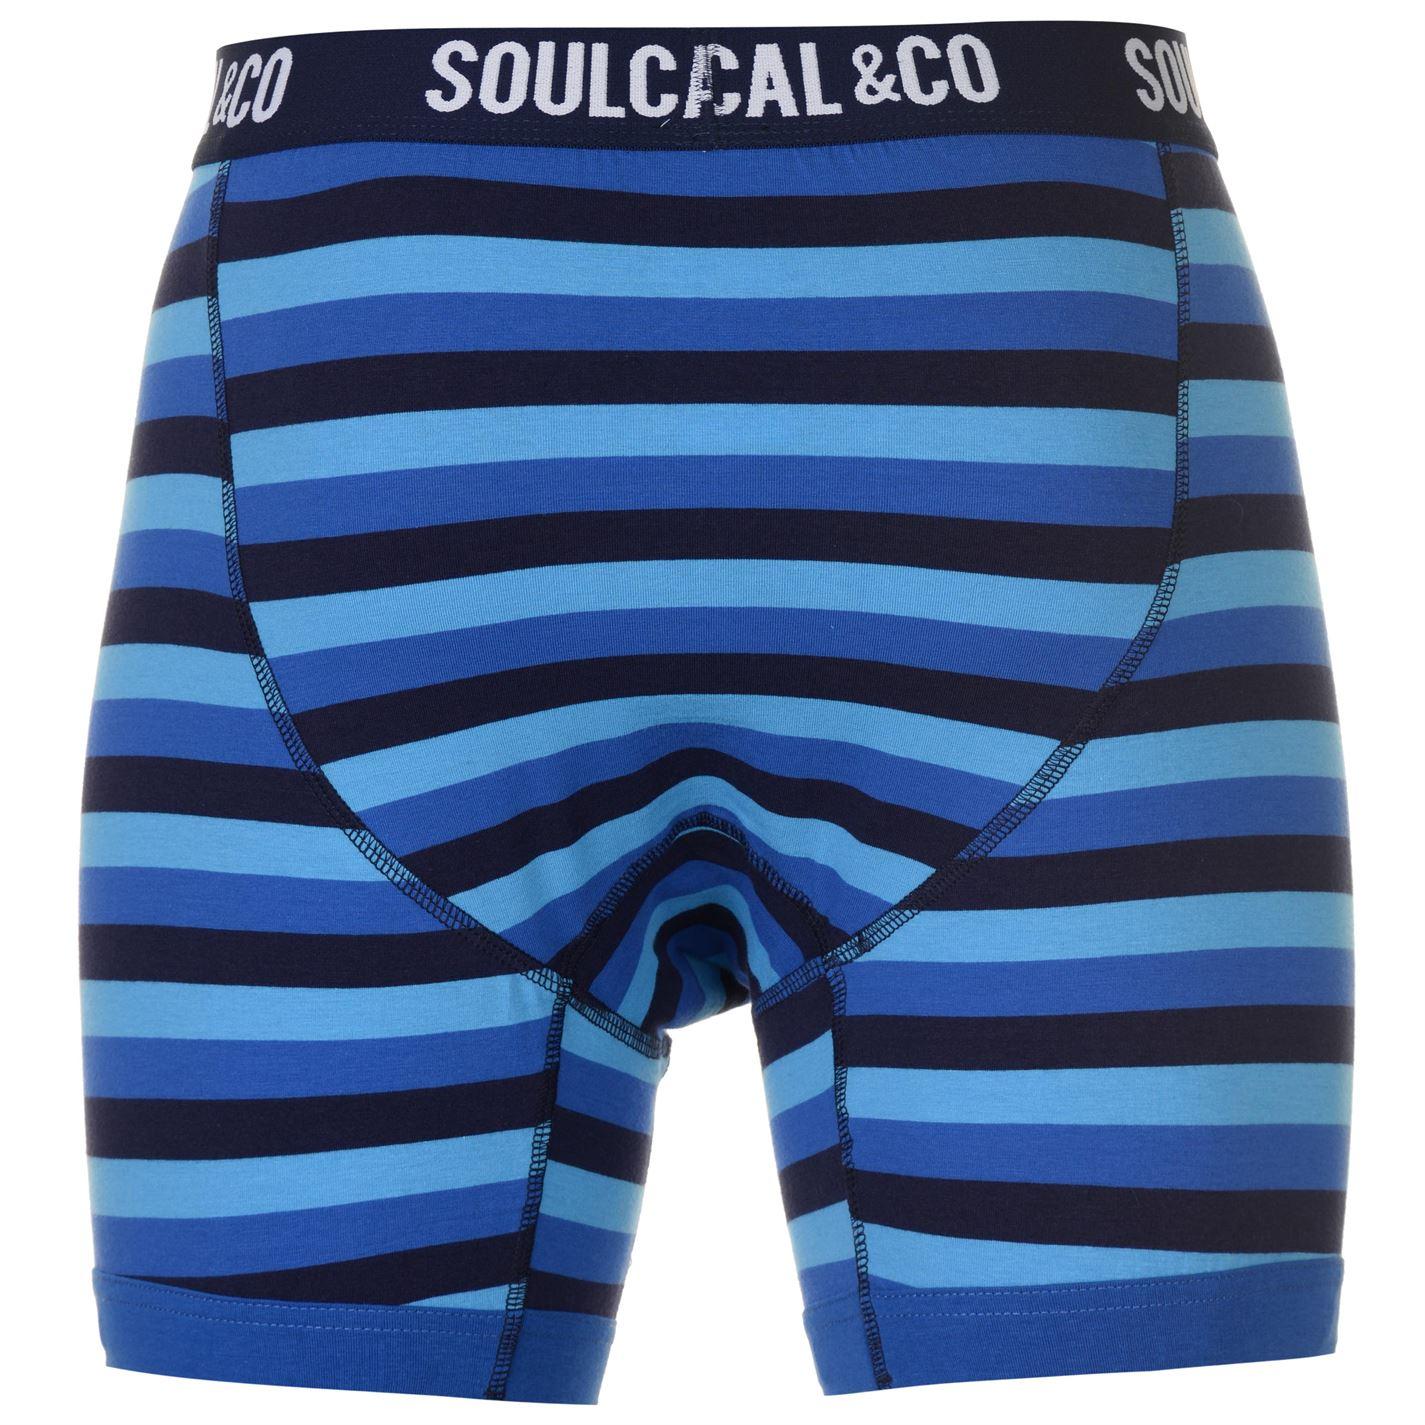 SoulCal 2 Confezione Di Boxer Uomo Gents Boxer Mutandoni Modello Stretch